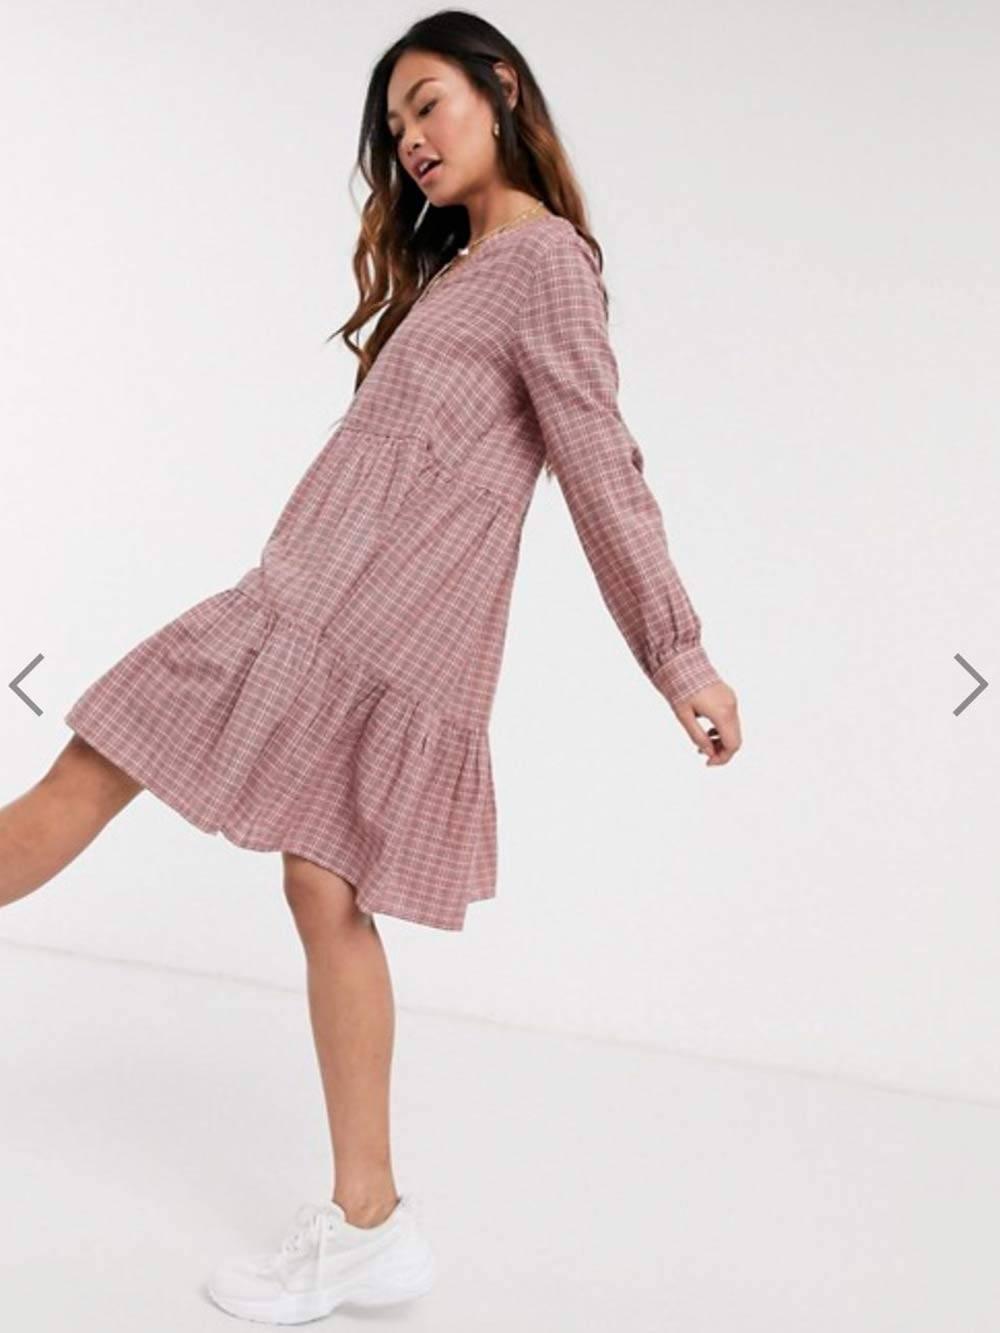 Вот такое платье я заказала. Люблю бесформенные клетчатые вещи